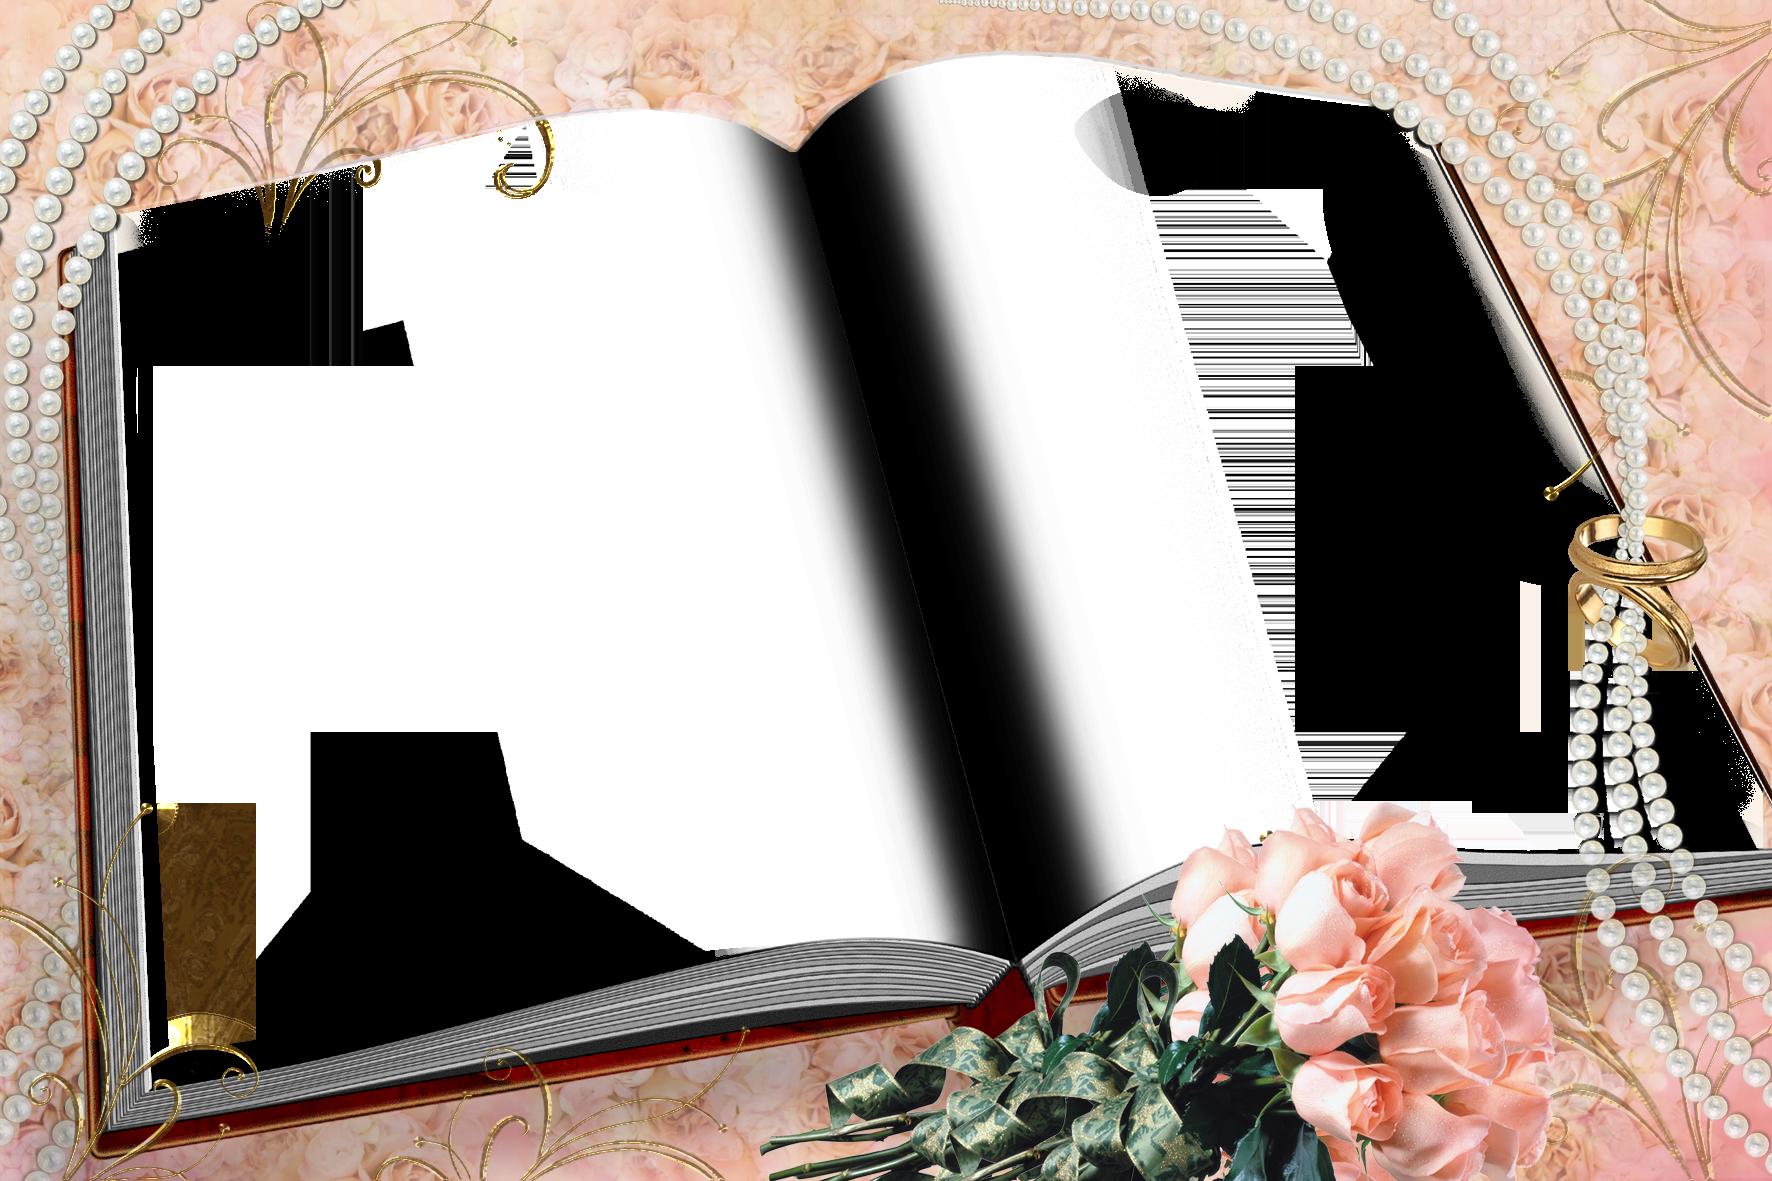 Свадебная фоторамка - Книга любви Свадебная фоторамка в виде